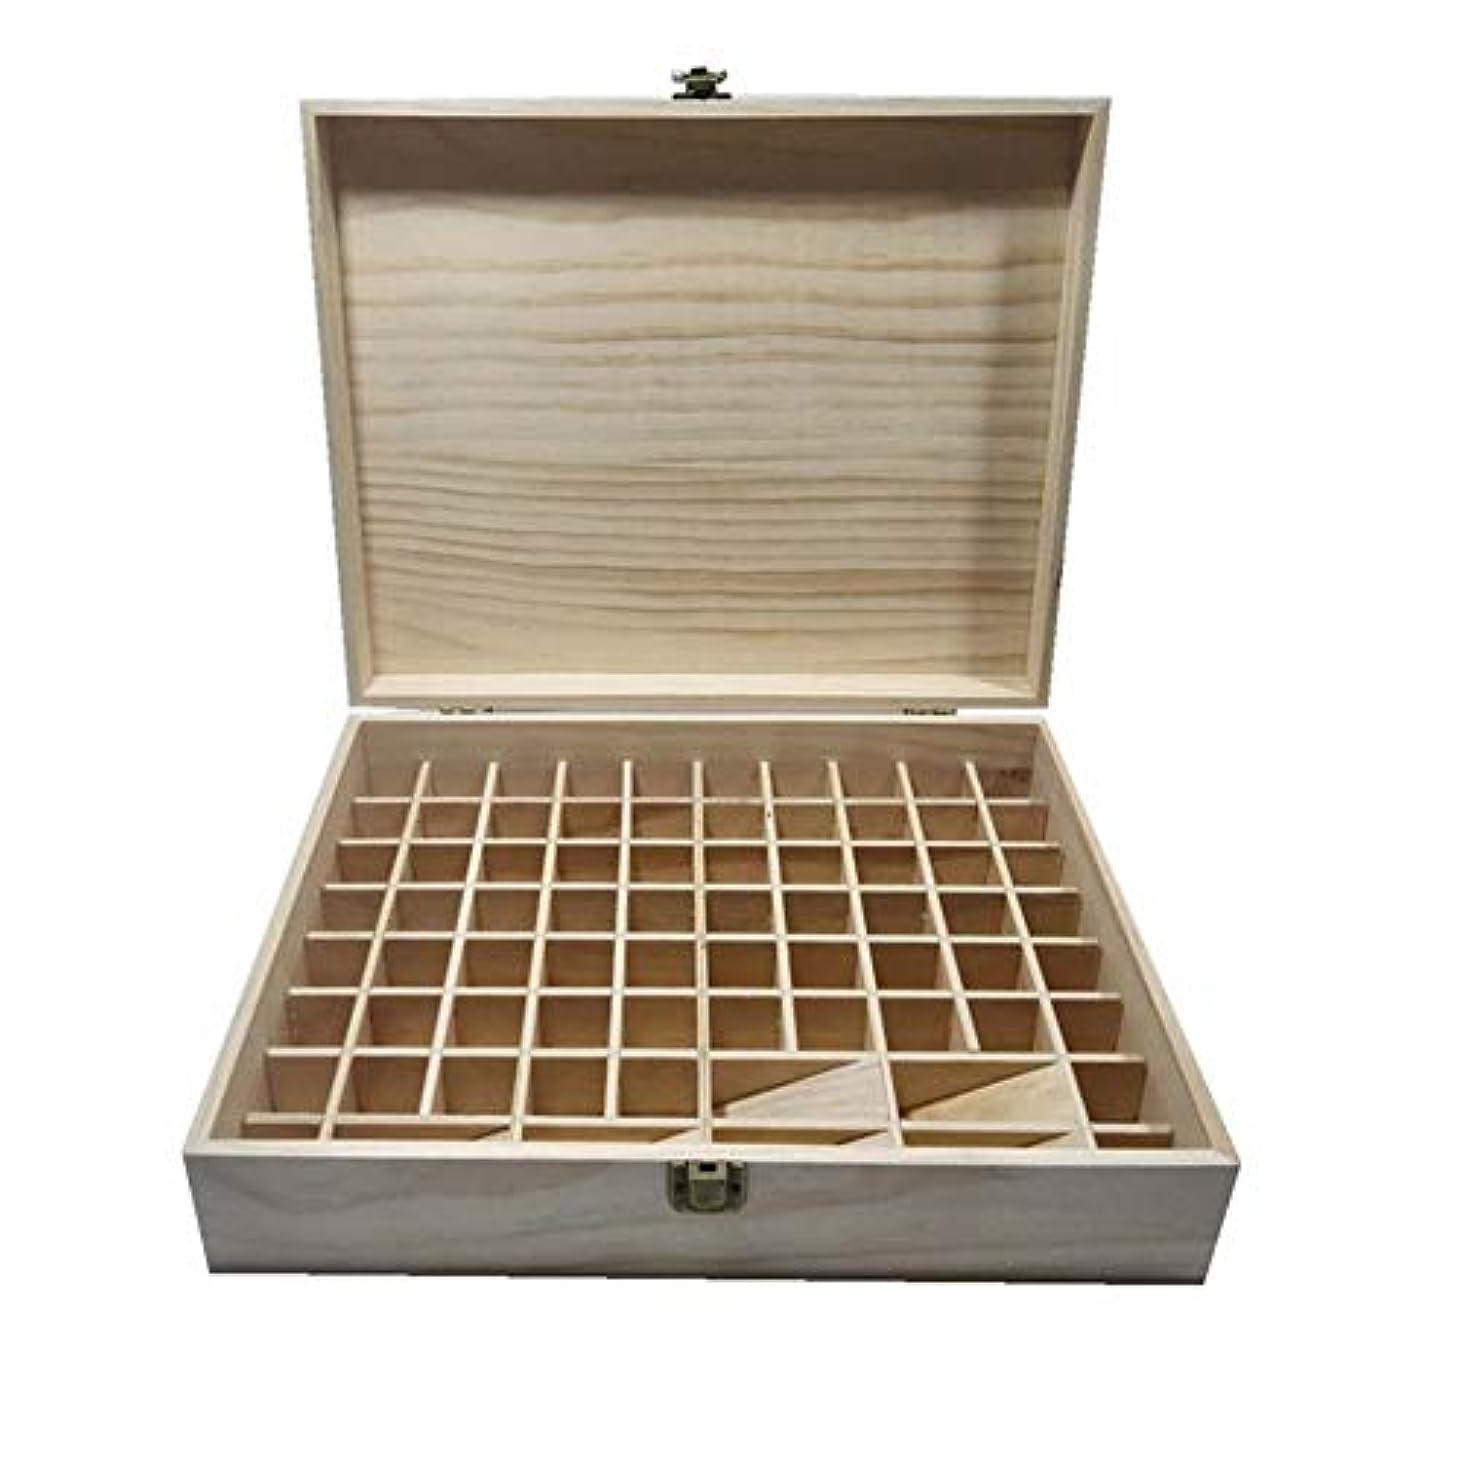 証明子猫ファブリック74スロットエッセンシャルオイルボックス木製収納ケースは、74本のボトルエッセンシャルオイルスペースセーバーの開催します アロマセラピー製品 (色 : Natural, サイズ : 34X27.5X9CM)